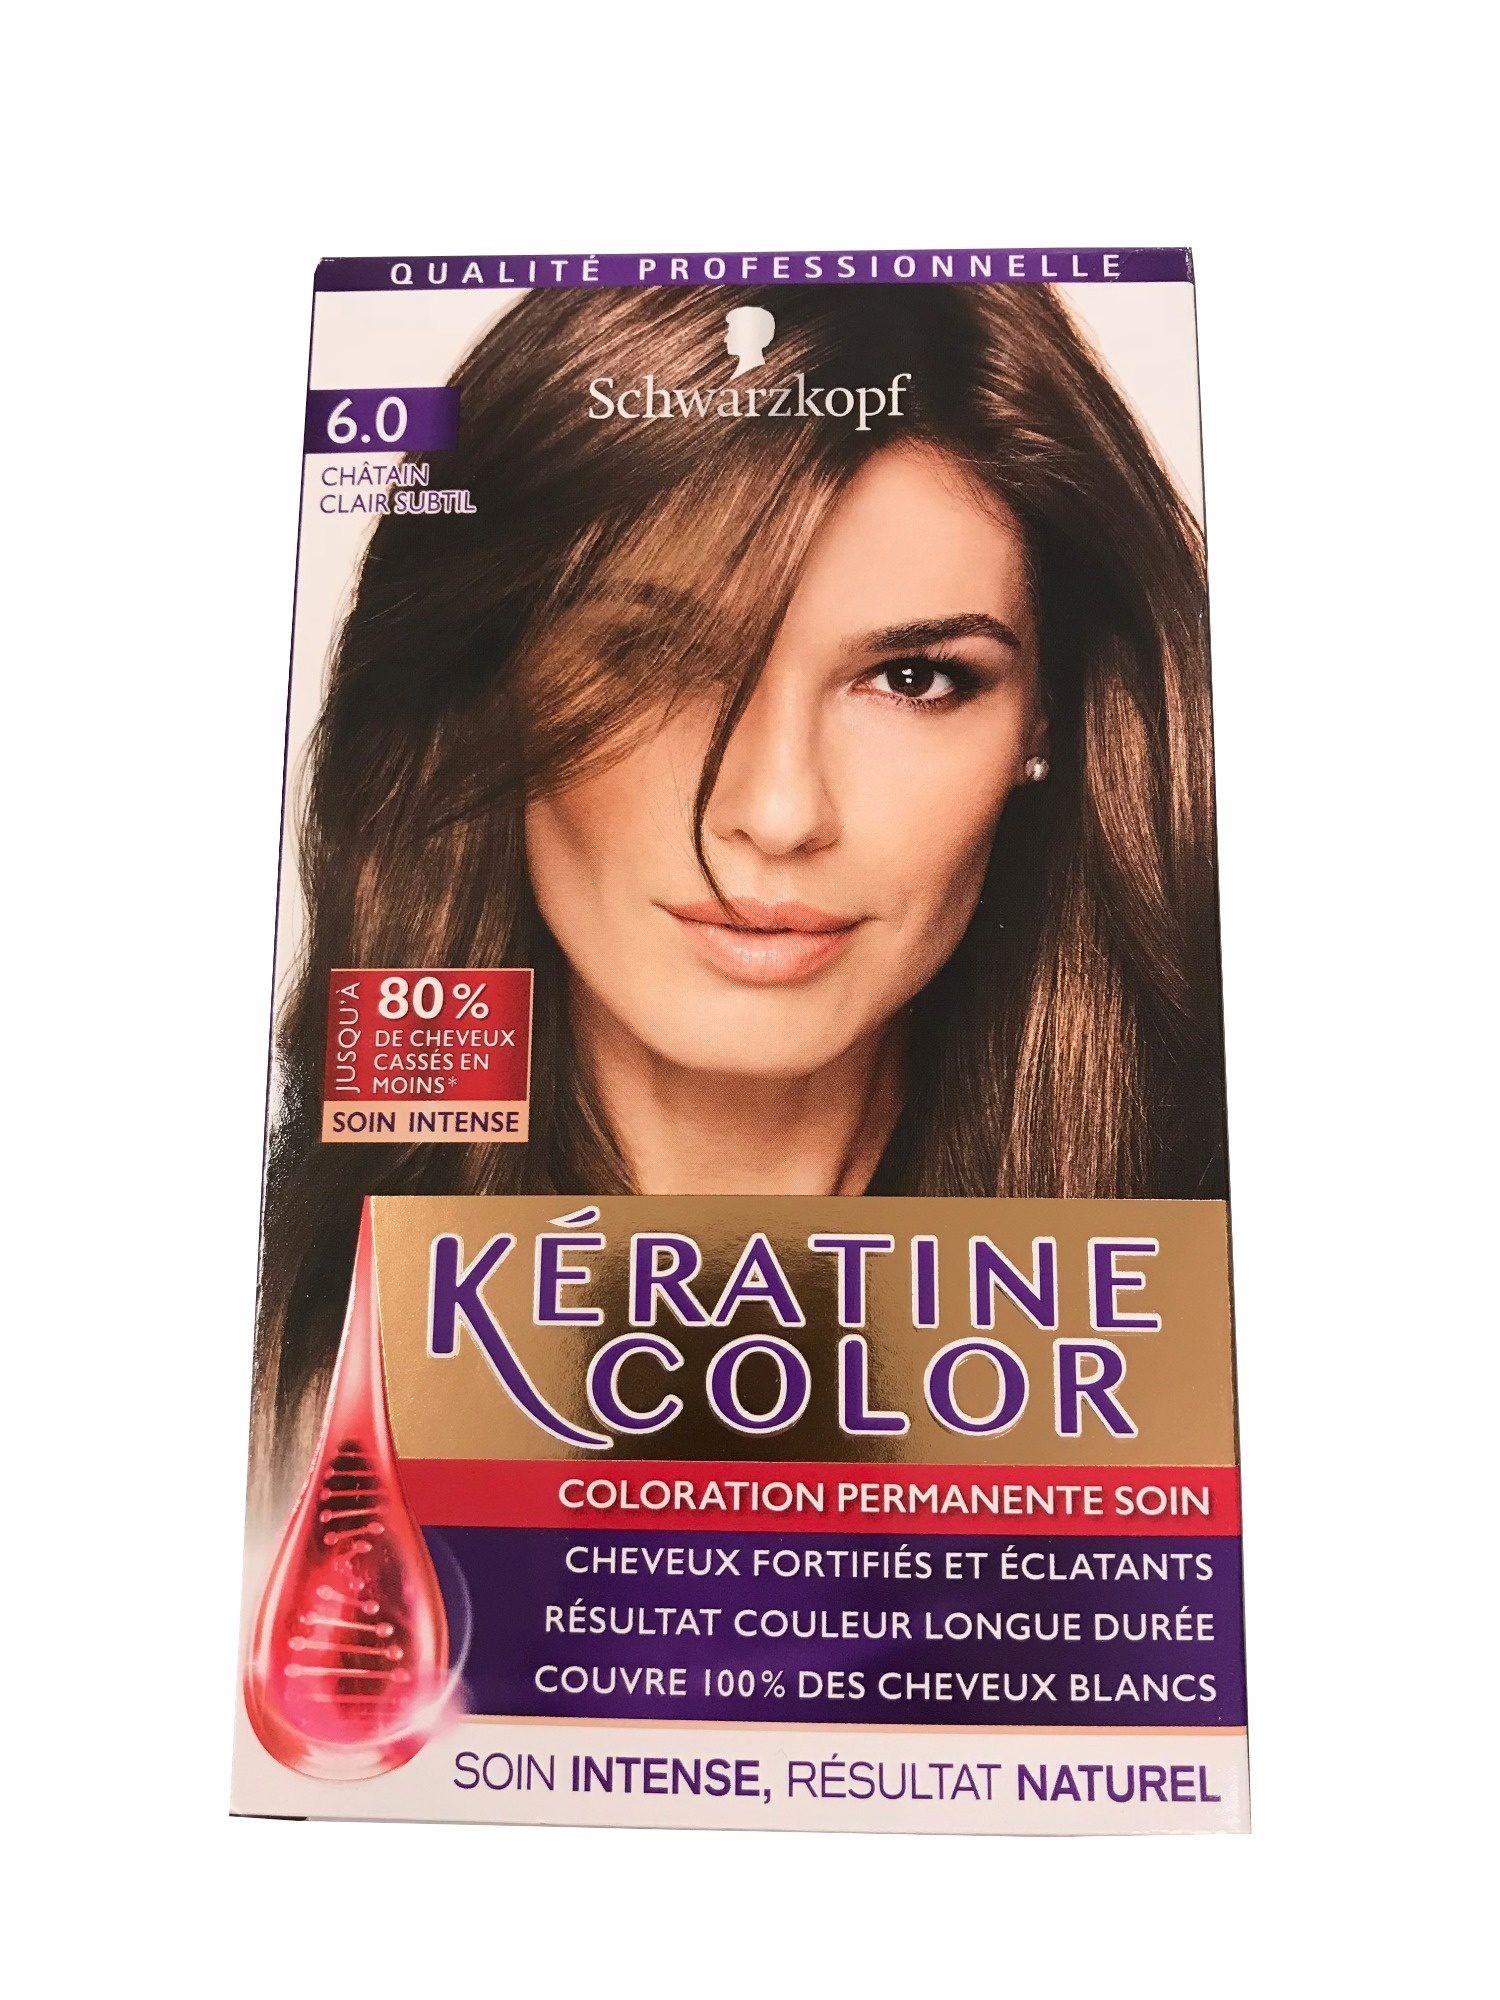 Kératine Color Châtain Clair Subtil 6.0 - Product - fr